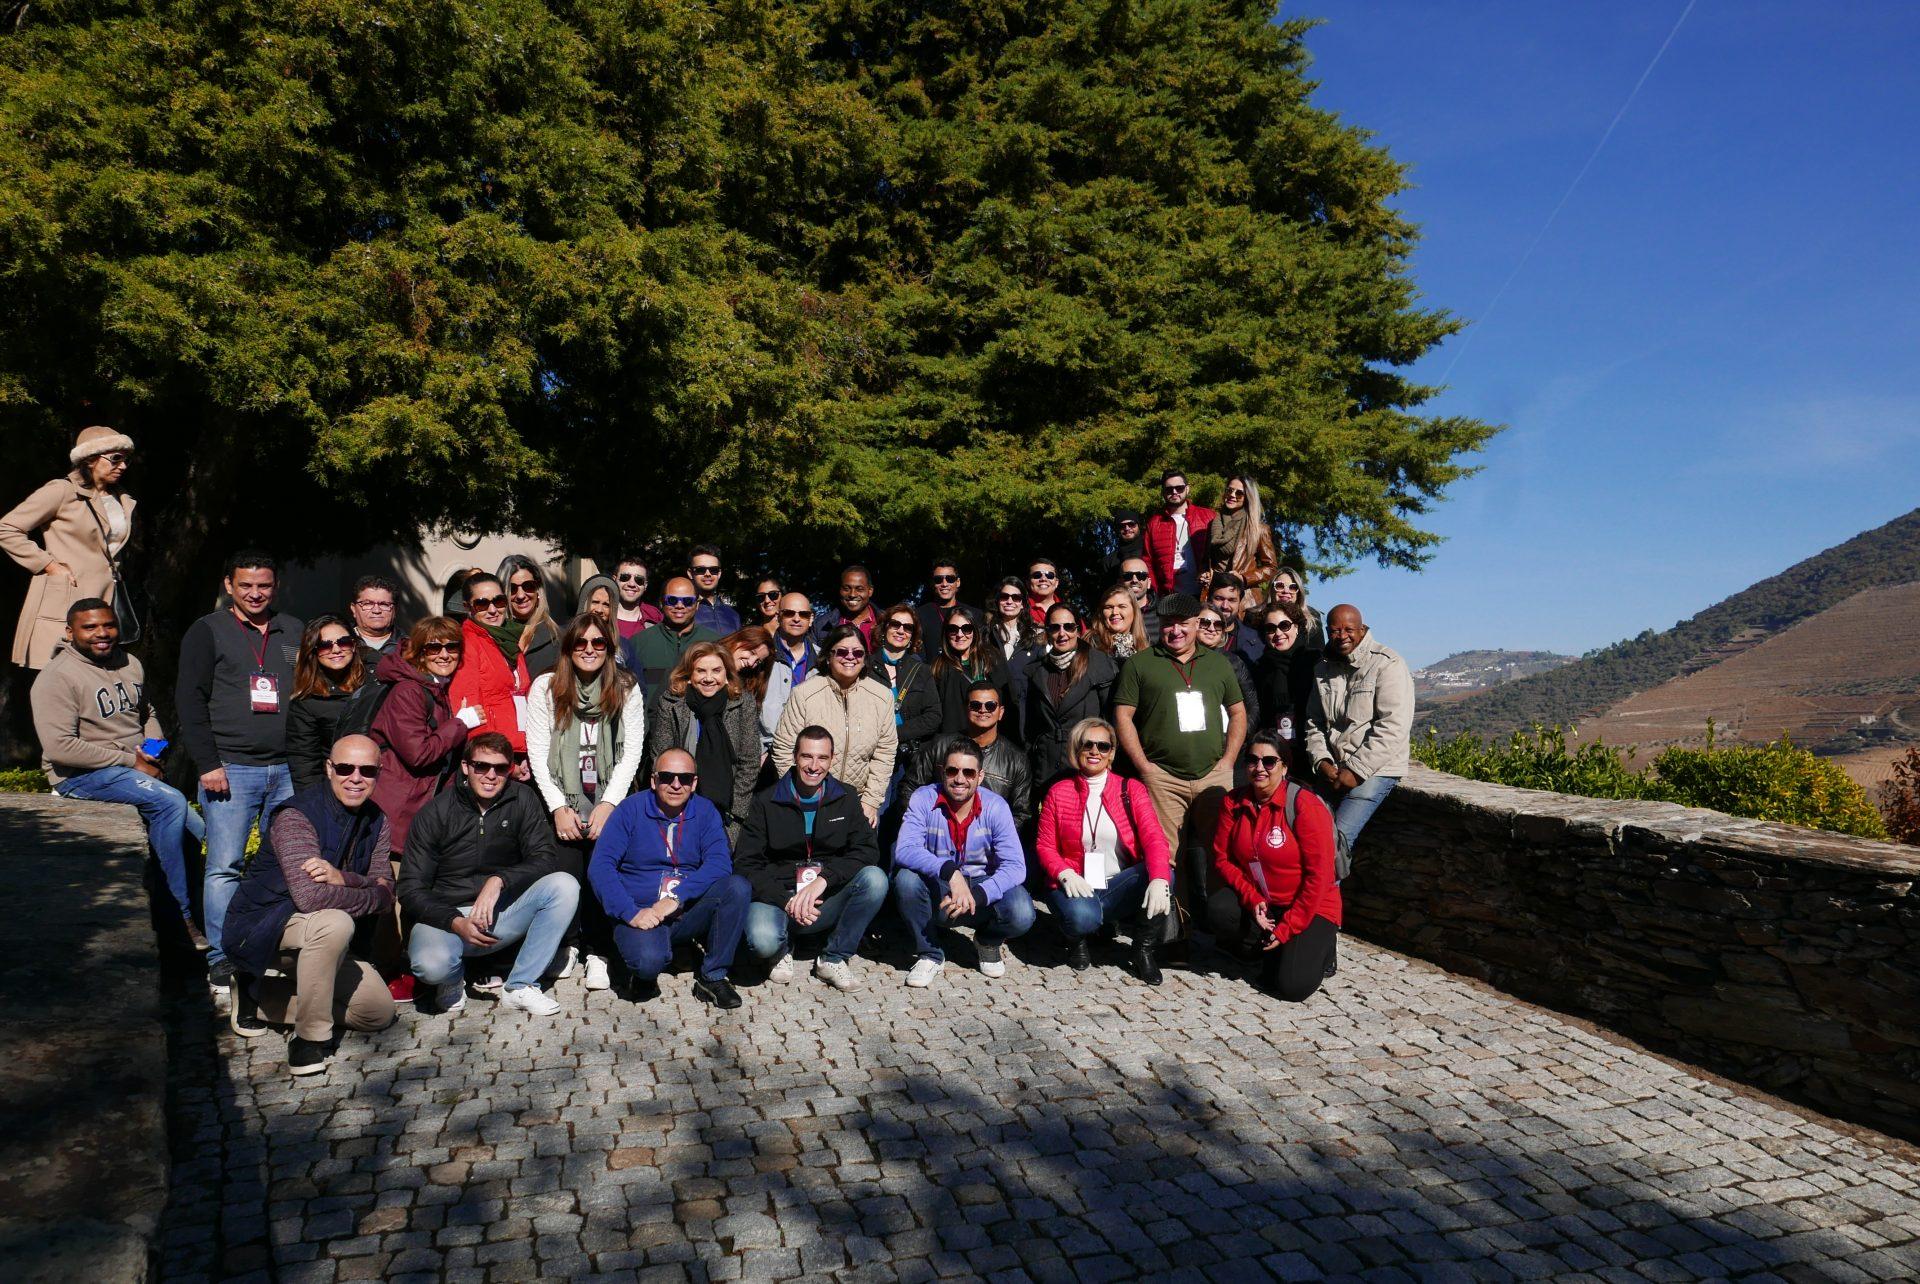 Chegada do grupo à uma das famosas quintas produtoras de vinho, na região do Douro